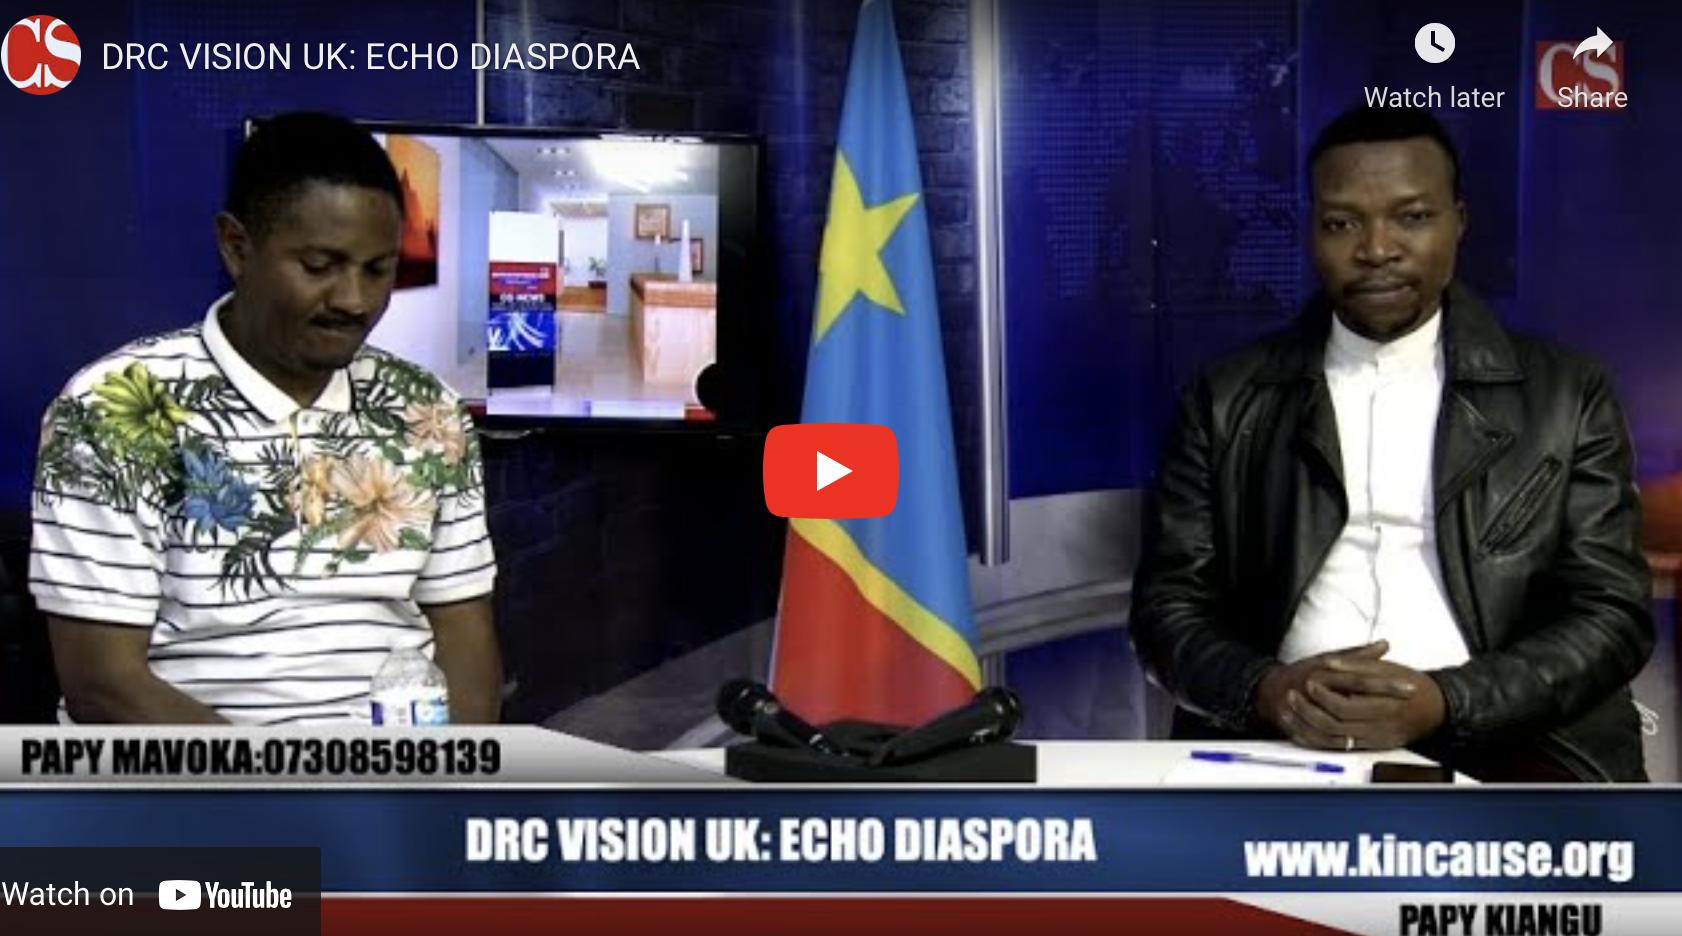 DRC VISION UK: ECHO DIASPORA.